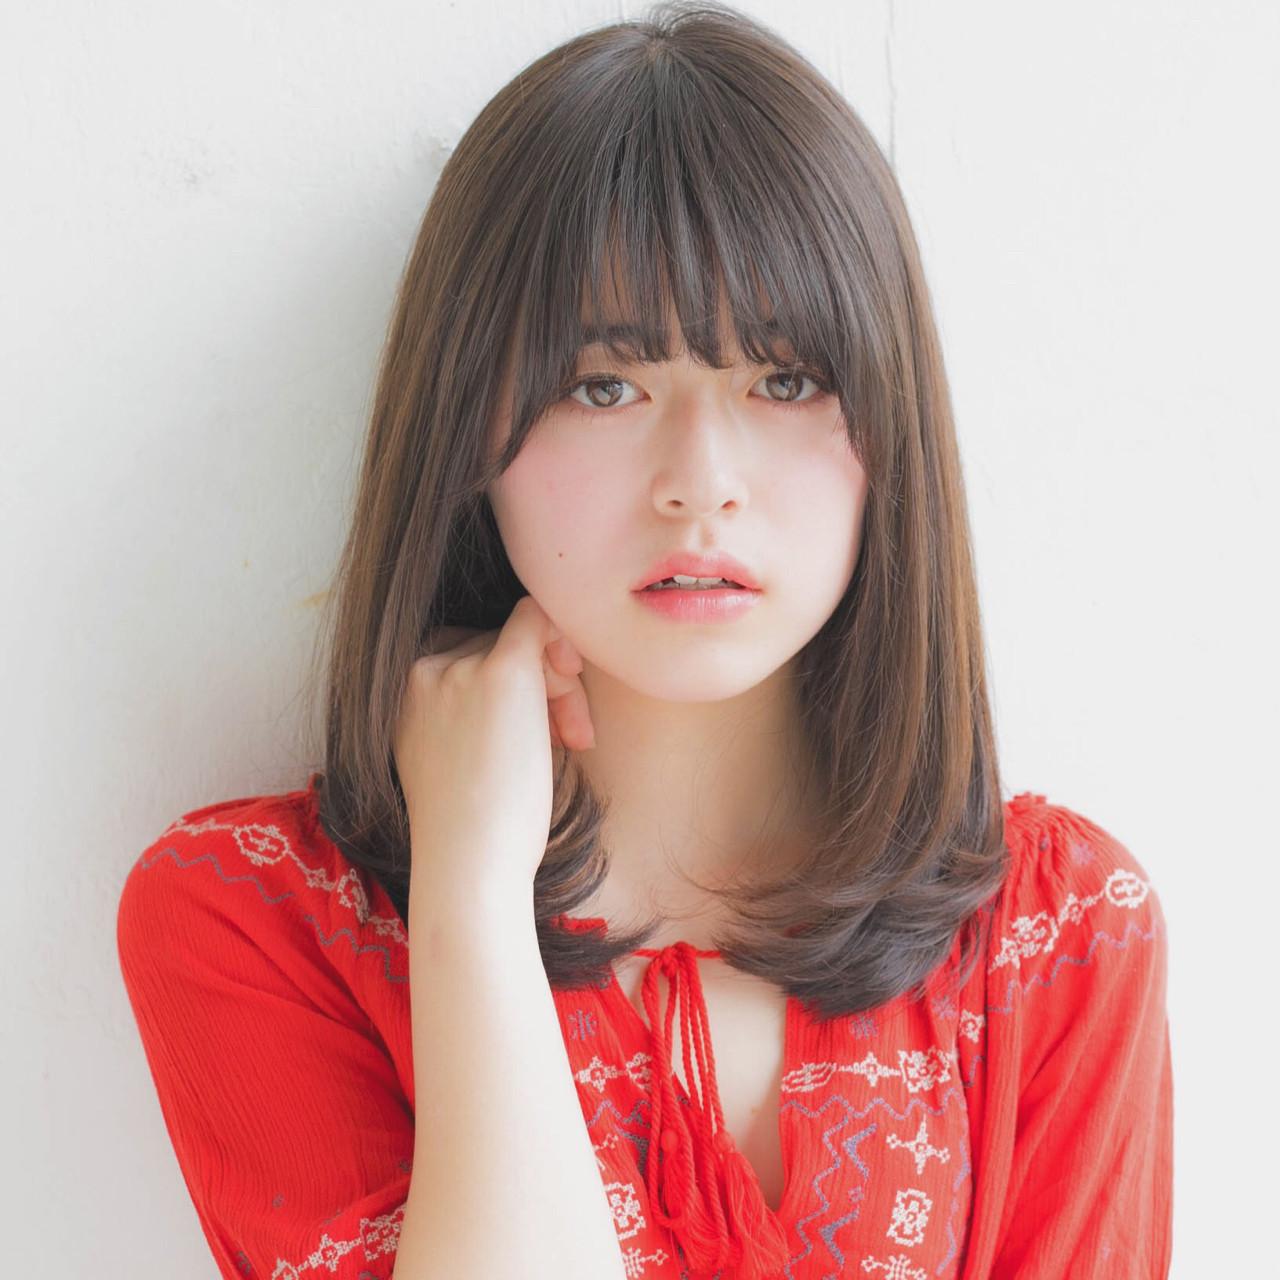 重めぱっつん前髪で大人っぽい印象 竹澤 優/relian銀座Top stylist